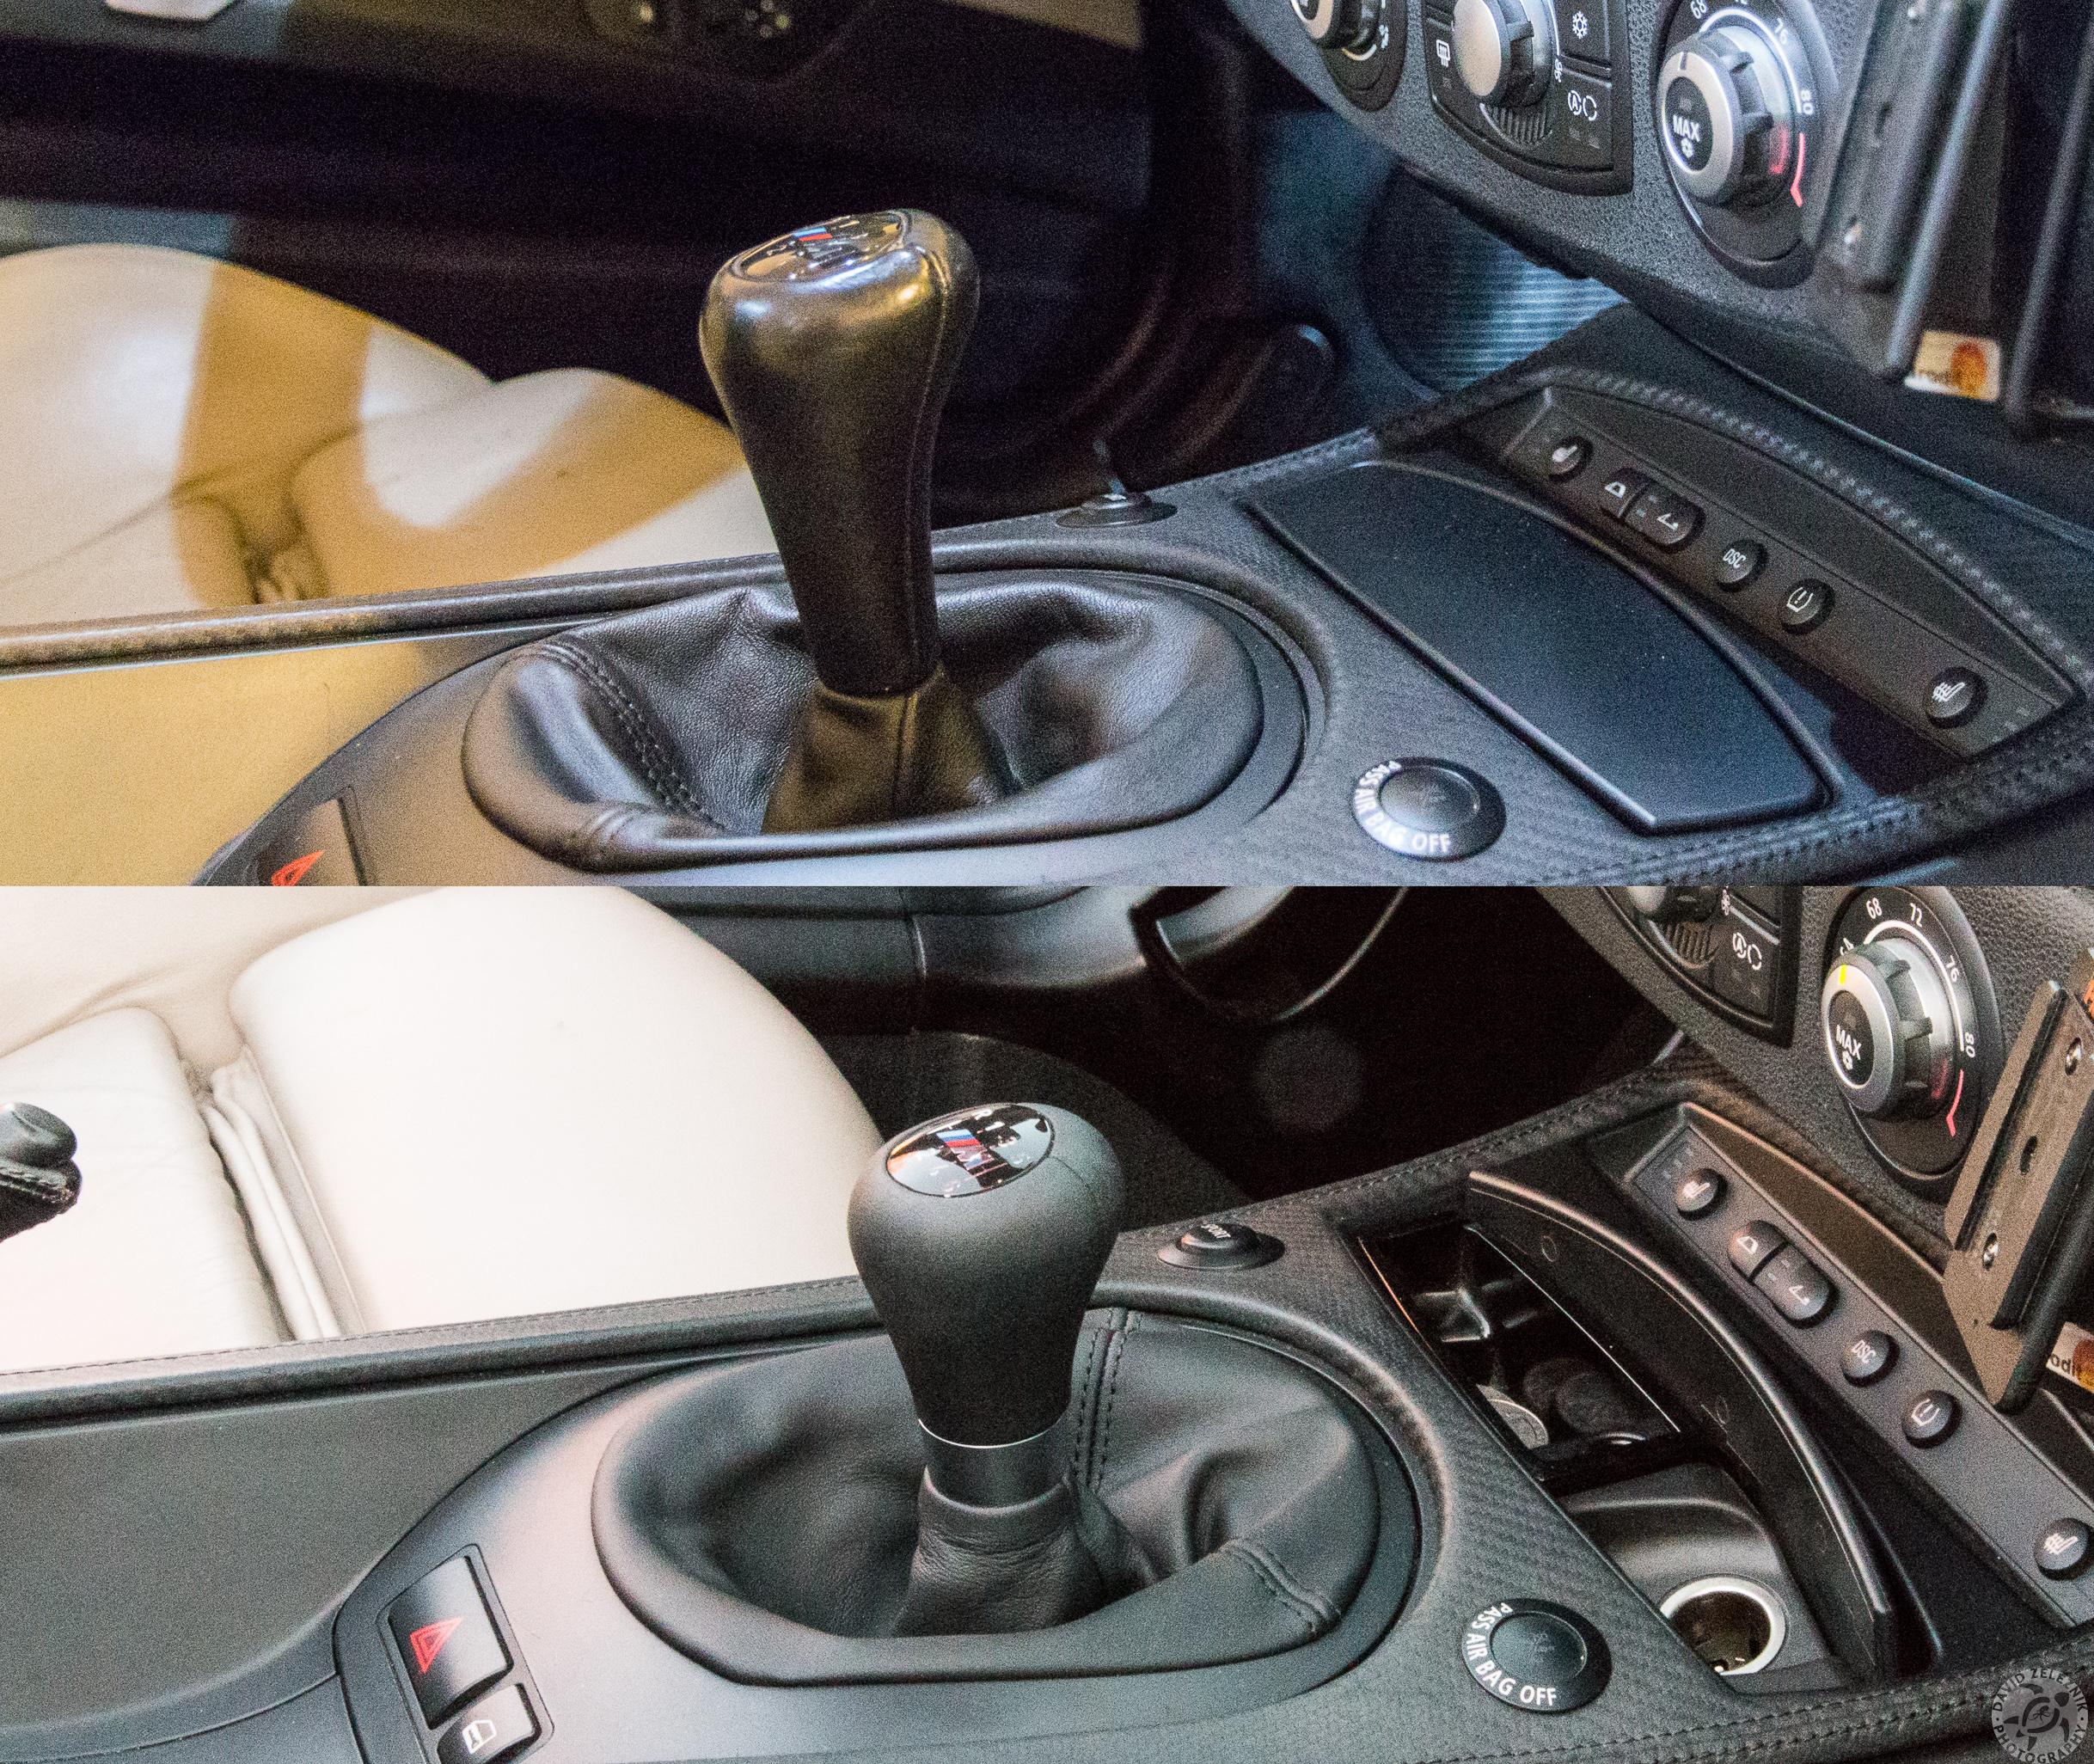 2004 Bmw Z4: 2004 Bmw Z4 SMG Shift Knob